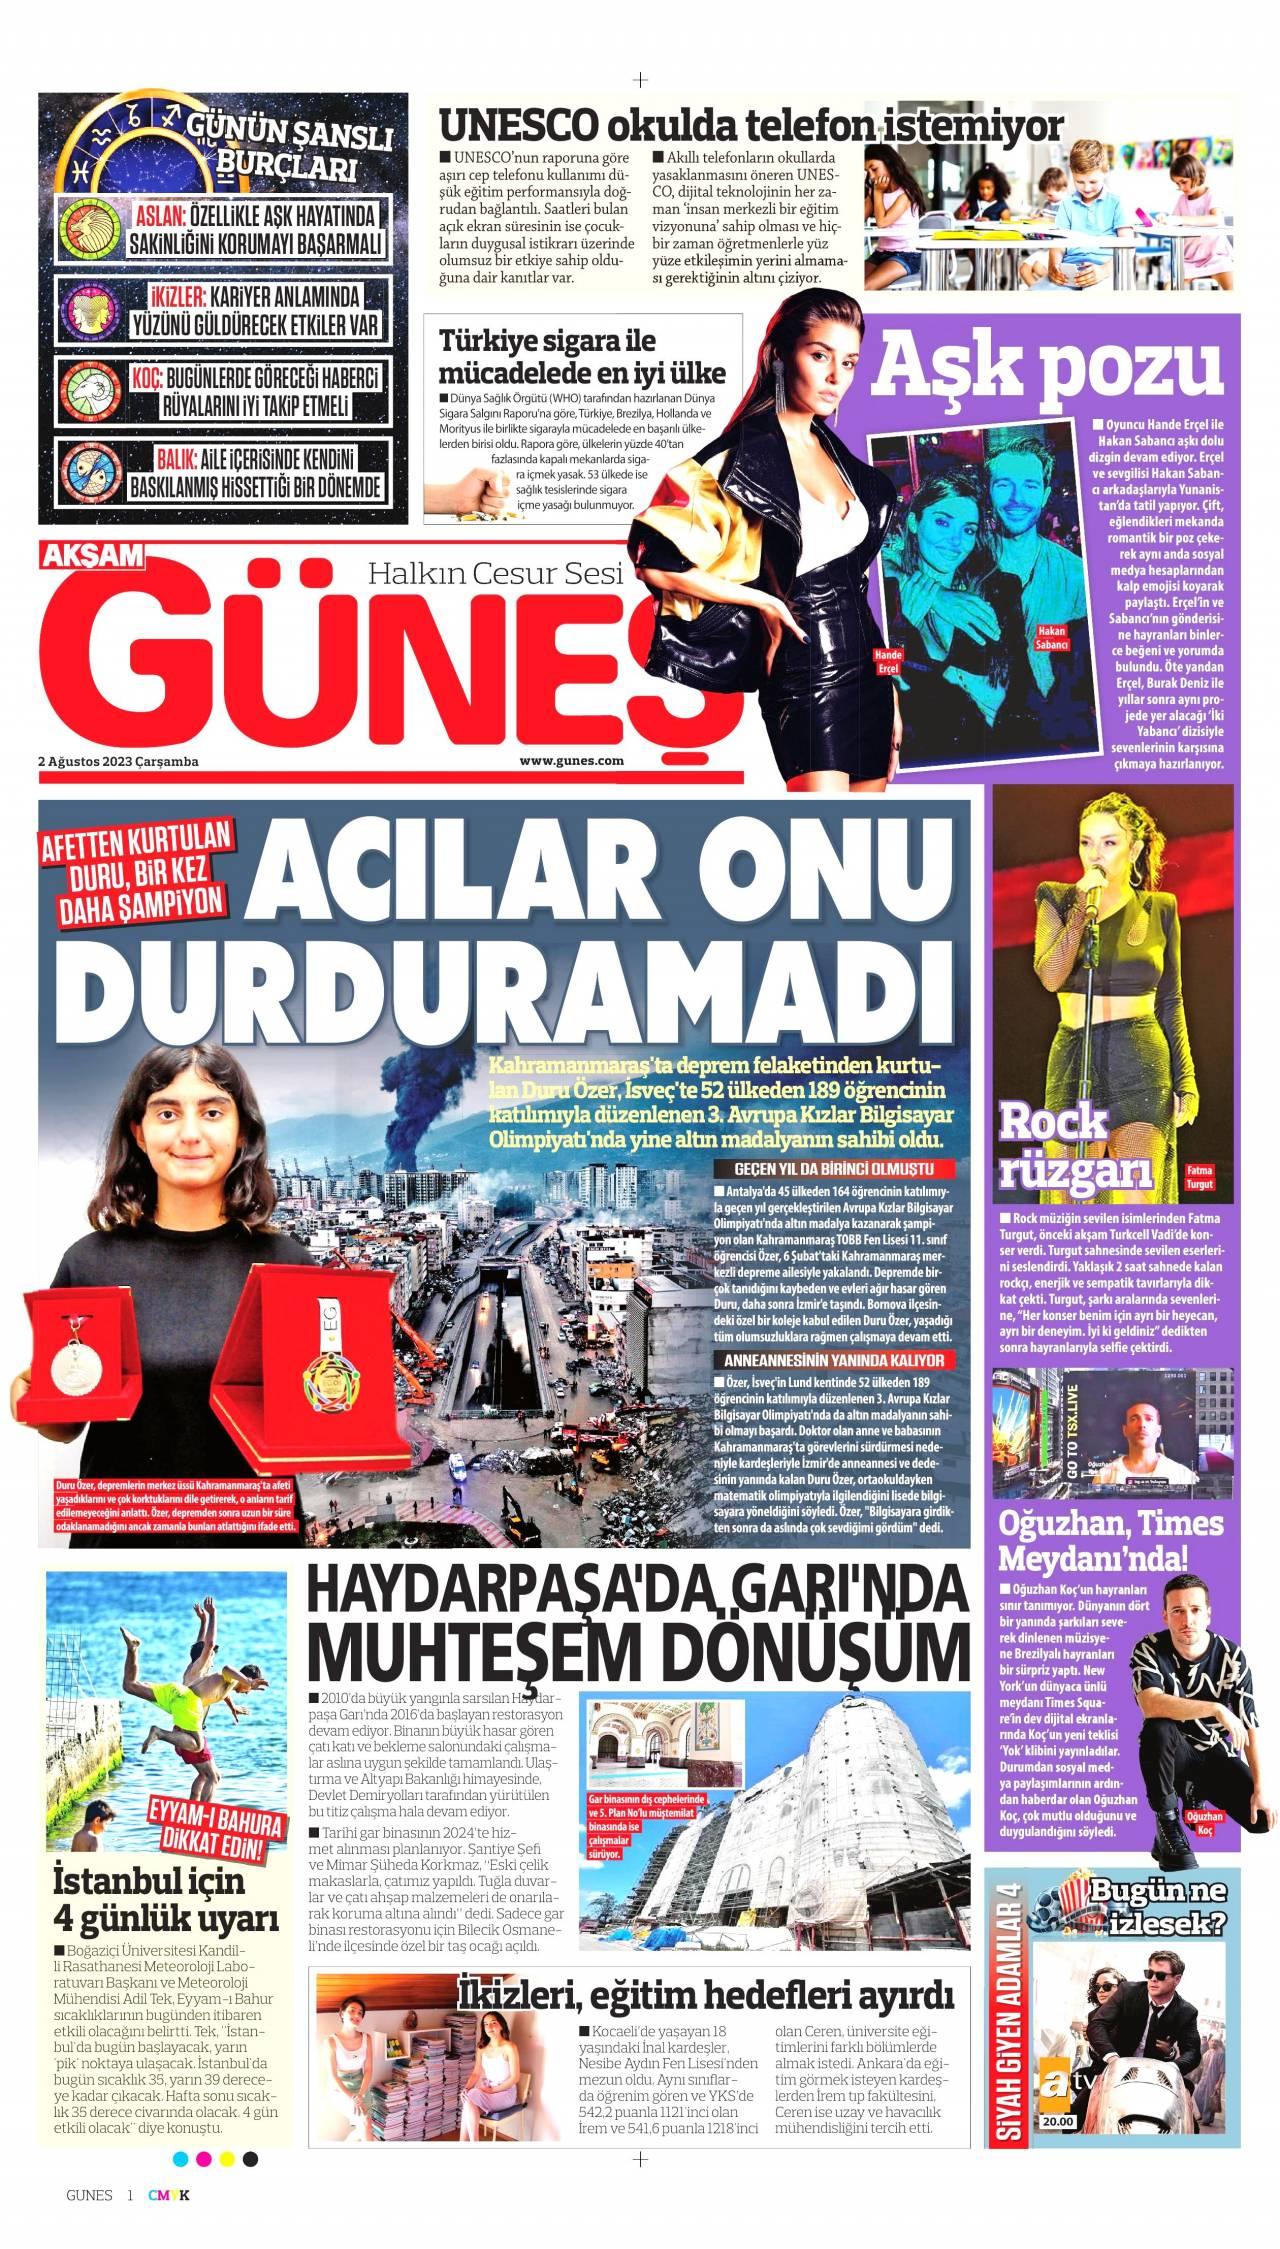 16 Ekim 2019 Çarşamba Güneş Gazetesi Manşeti